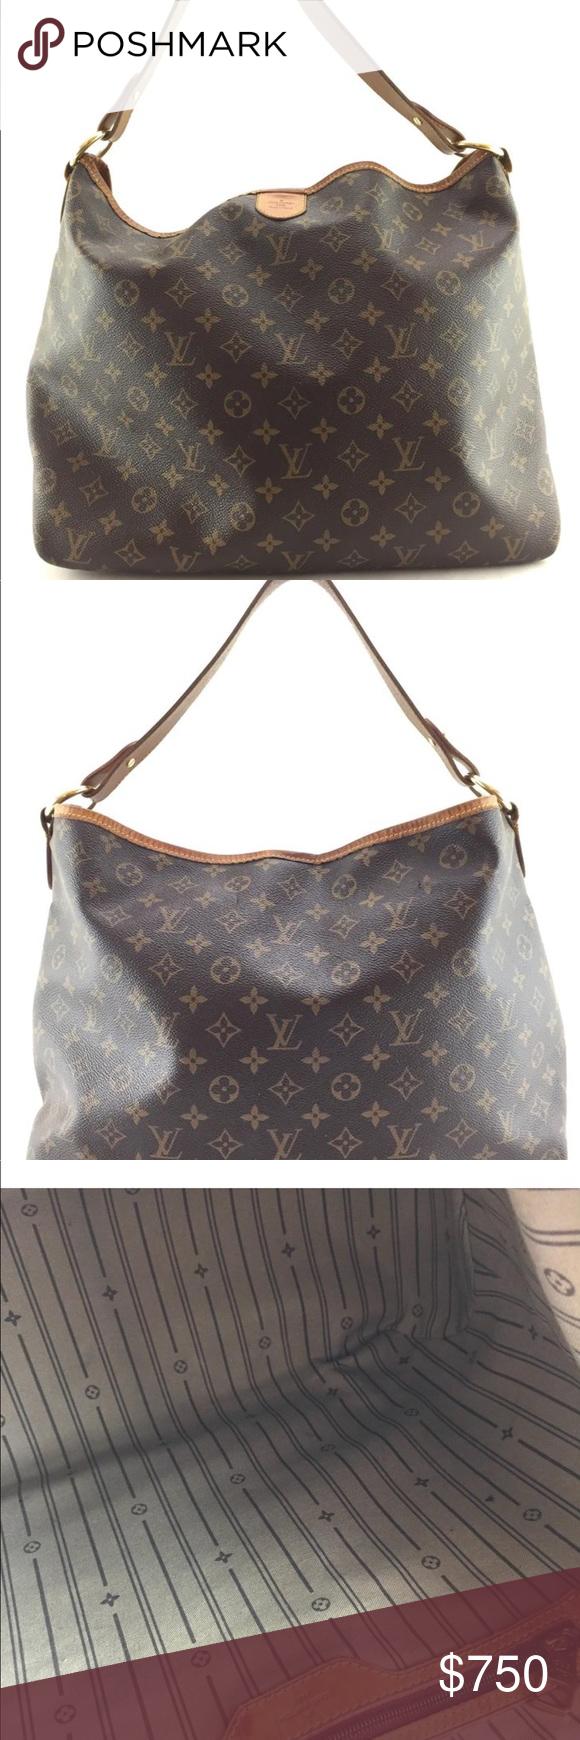 cb06771d45b Authentic Louis Vuitton Delightful MM Tote Louis Vuitton Monogram  Delightful MM Hobo Bag 6.5